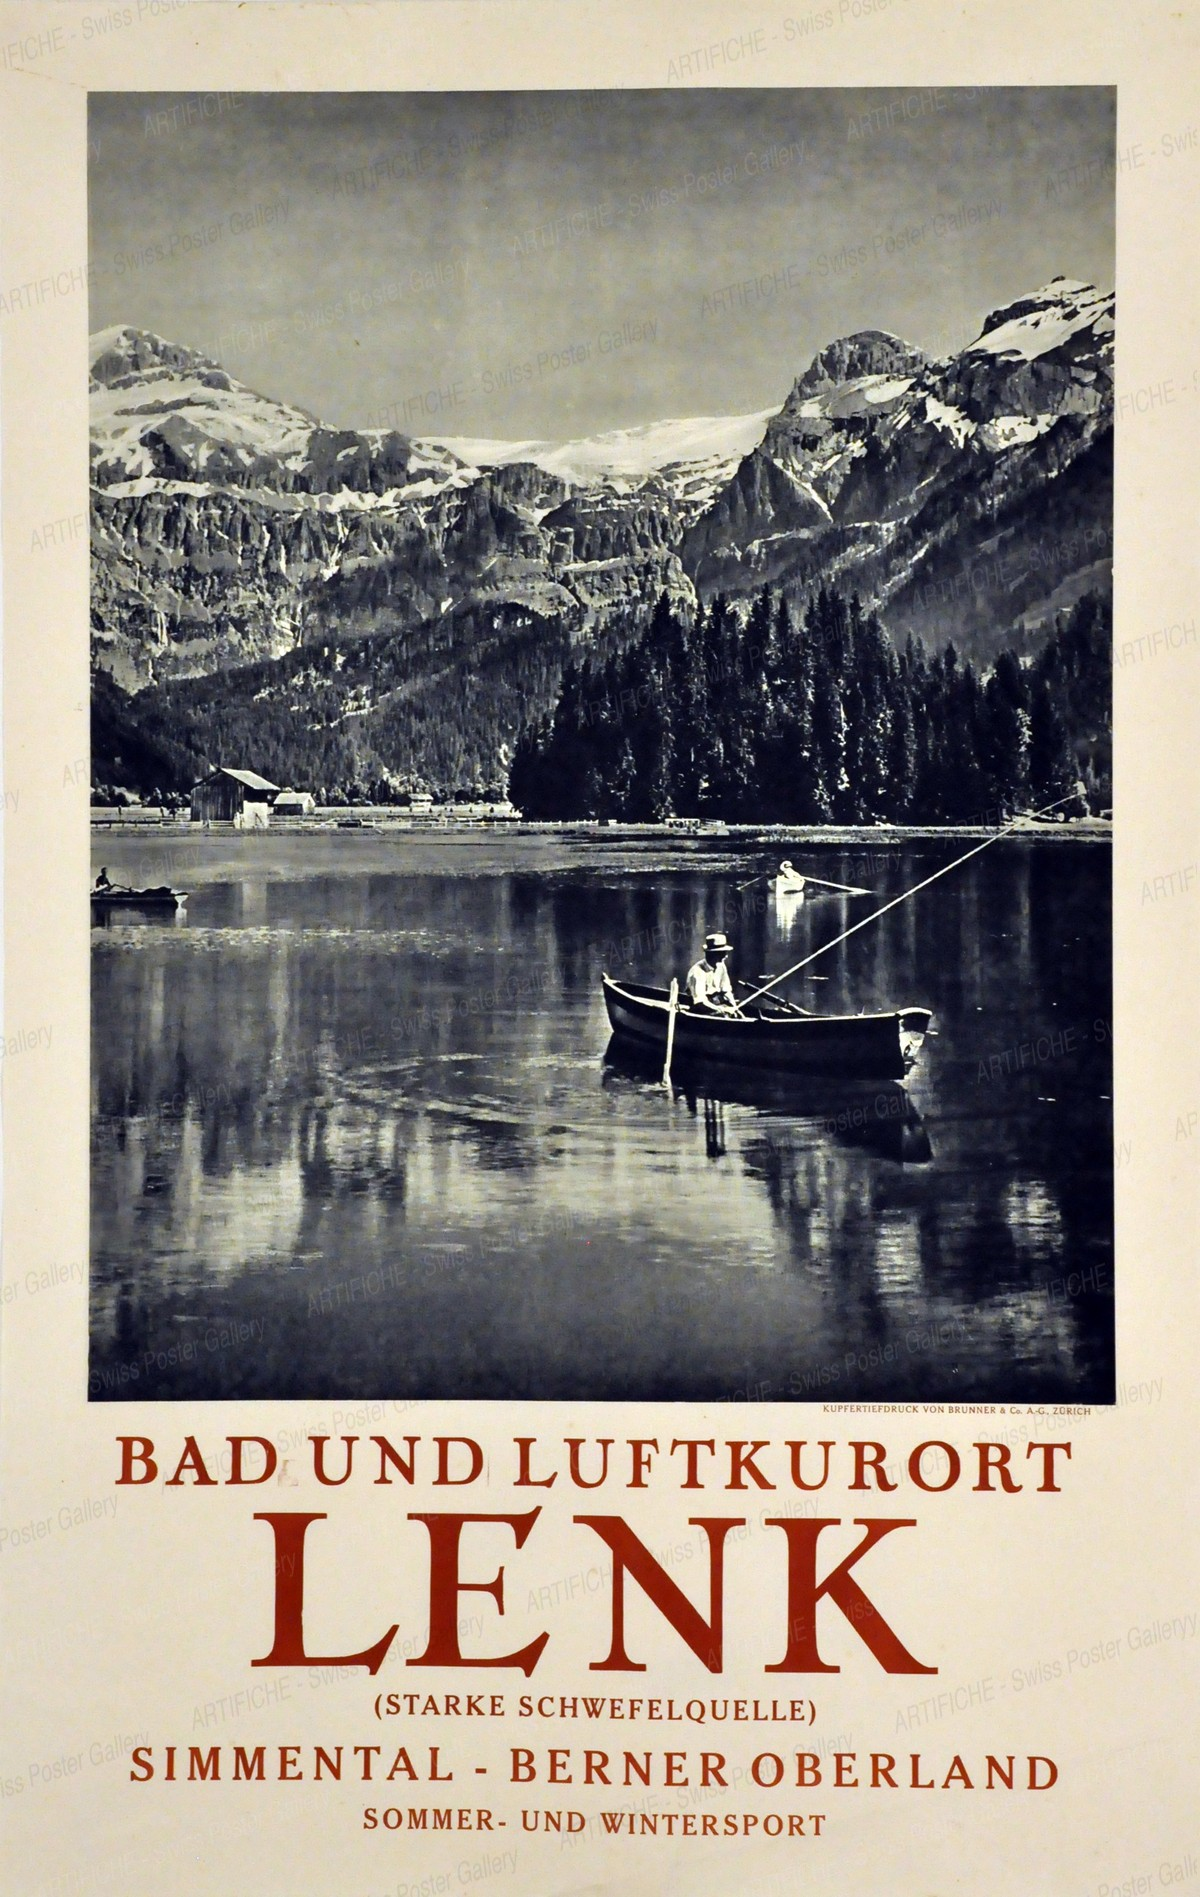 LENK – Bad- und Luftkurort – Simmental Berner Oberland – Sommer- und Wintersport, Artist unknown